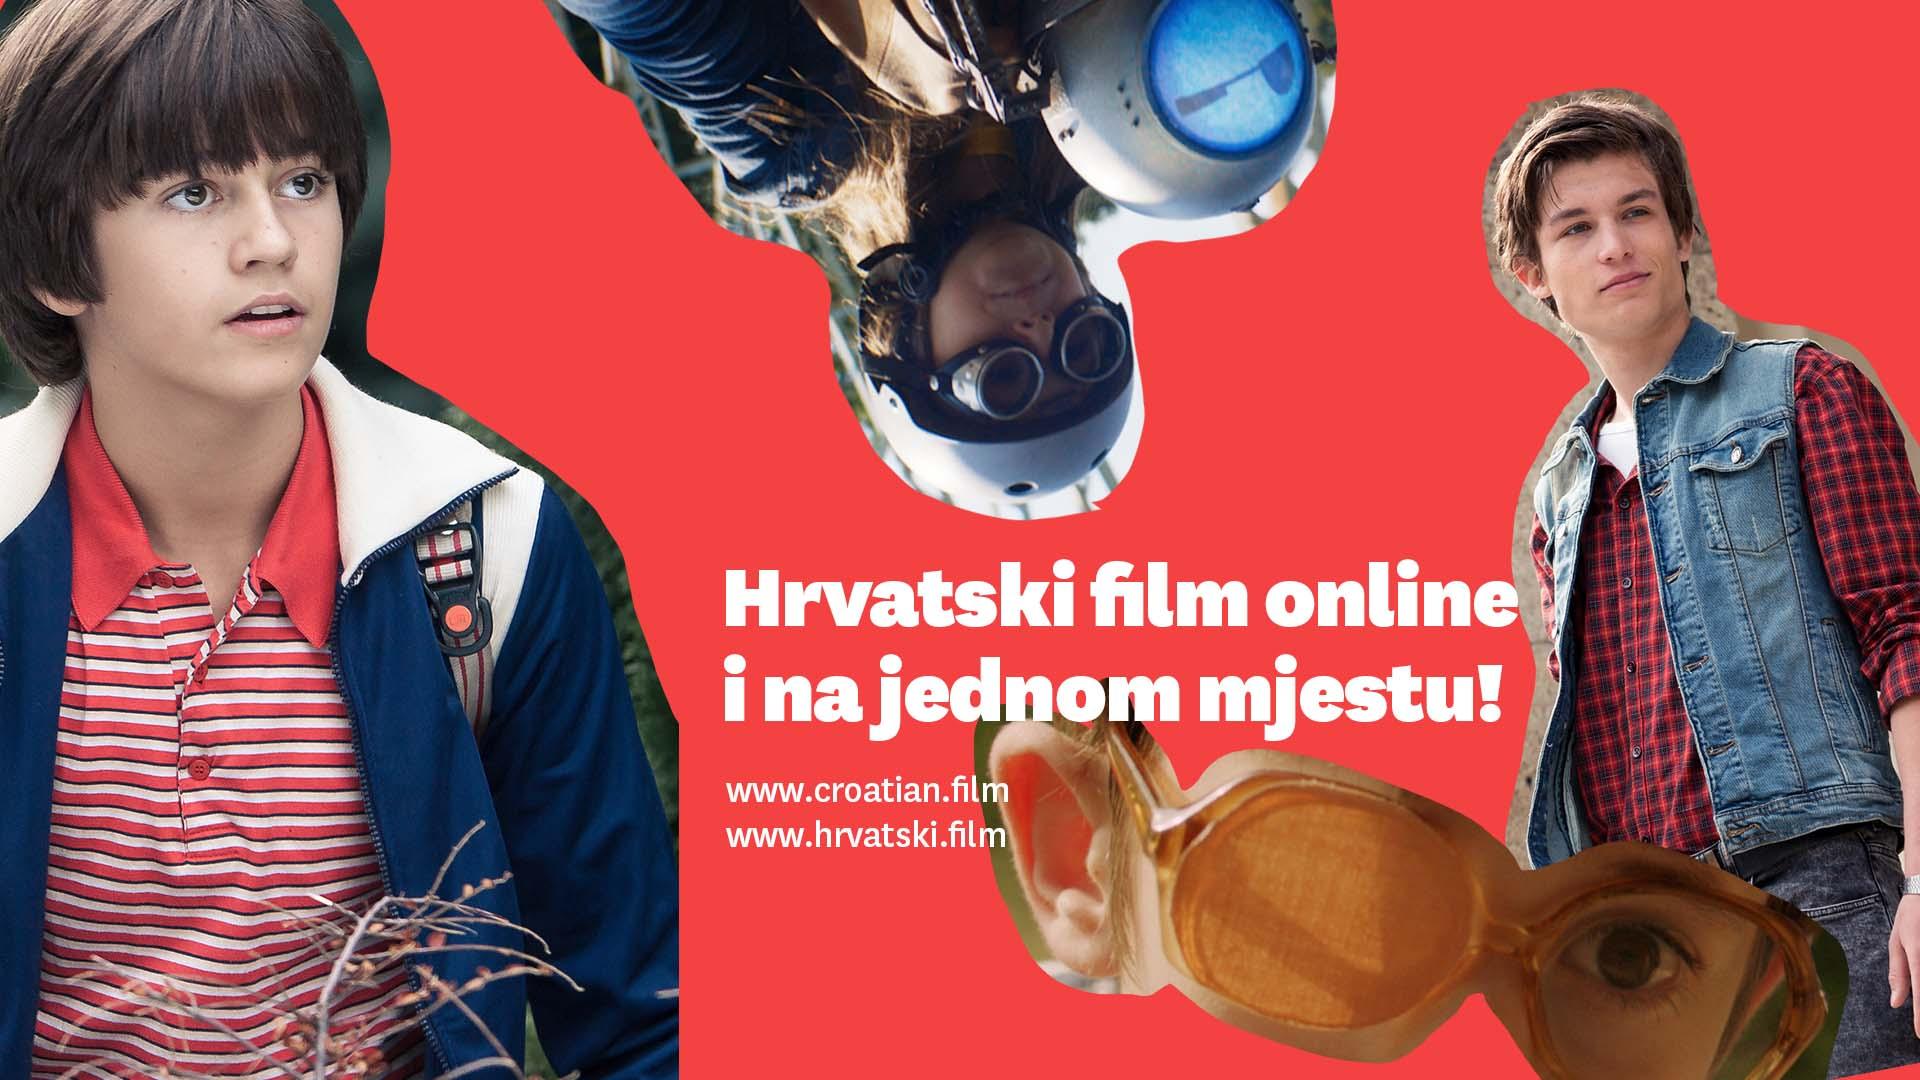 croatian.film | Filmska platforma postaje centralno mjestohrvatske kinematografije − online!